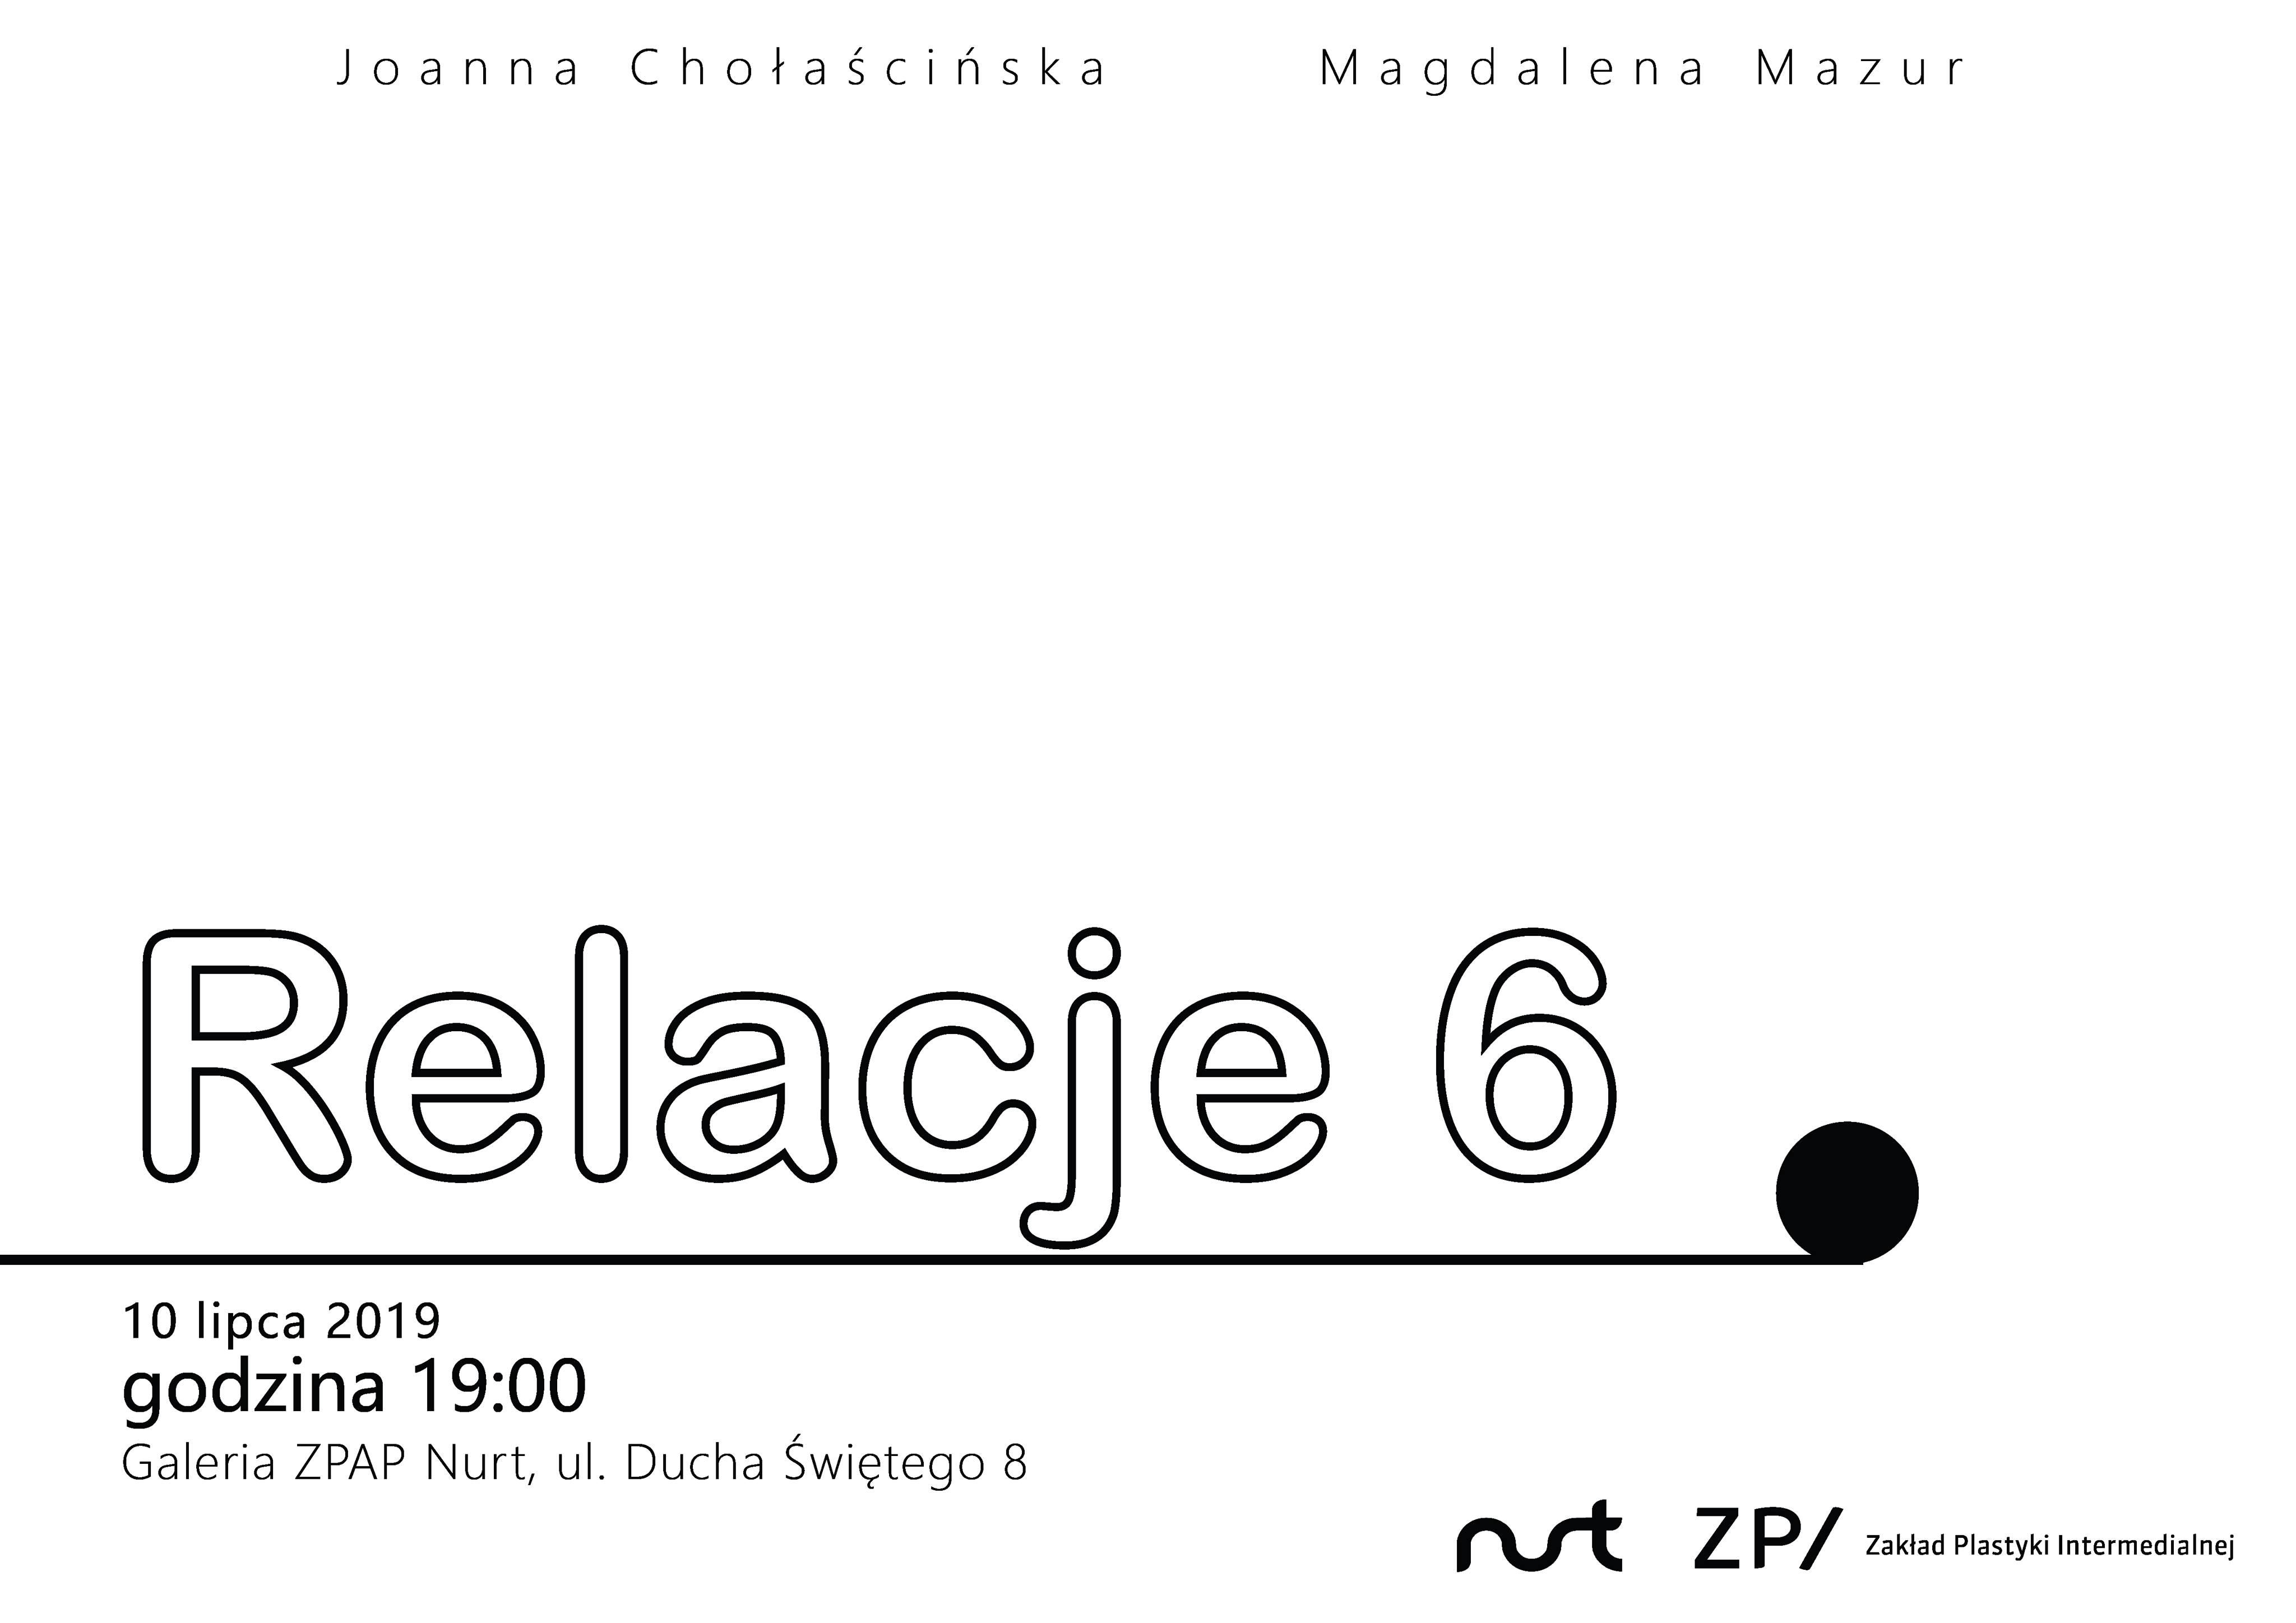 Zapowiedź wystawy – Relacje 6. Joanna Chołaścińska i Magdalena Mazur